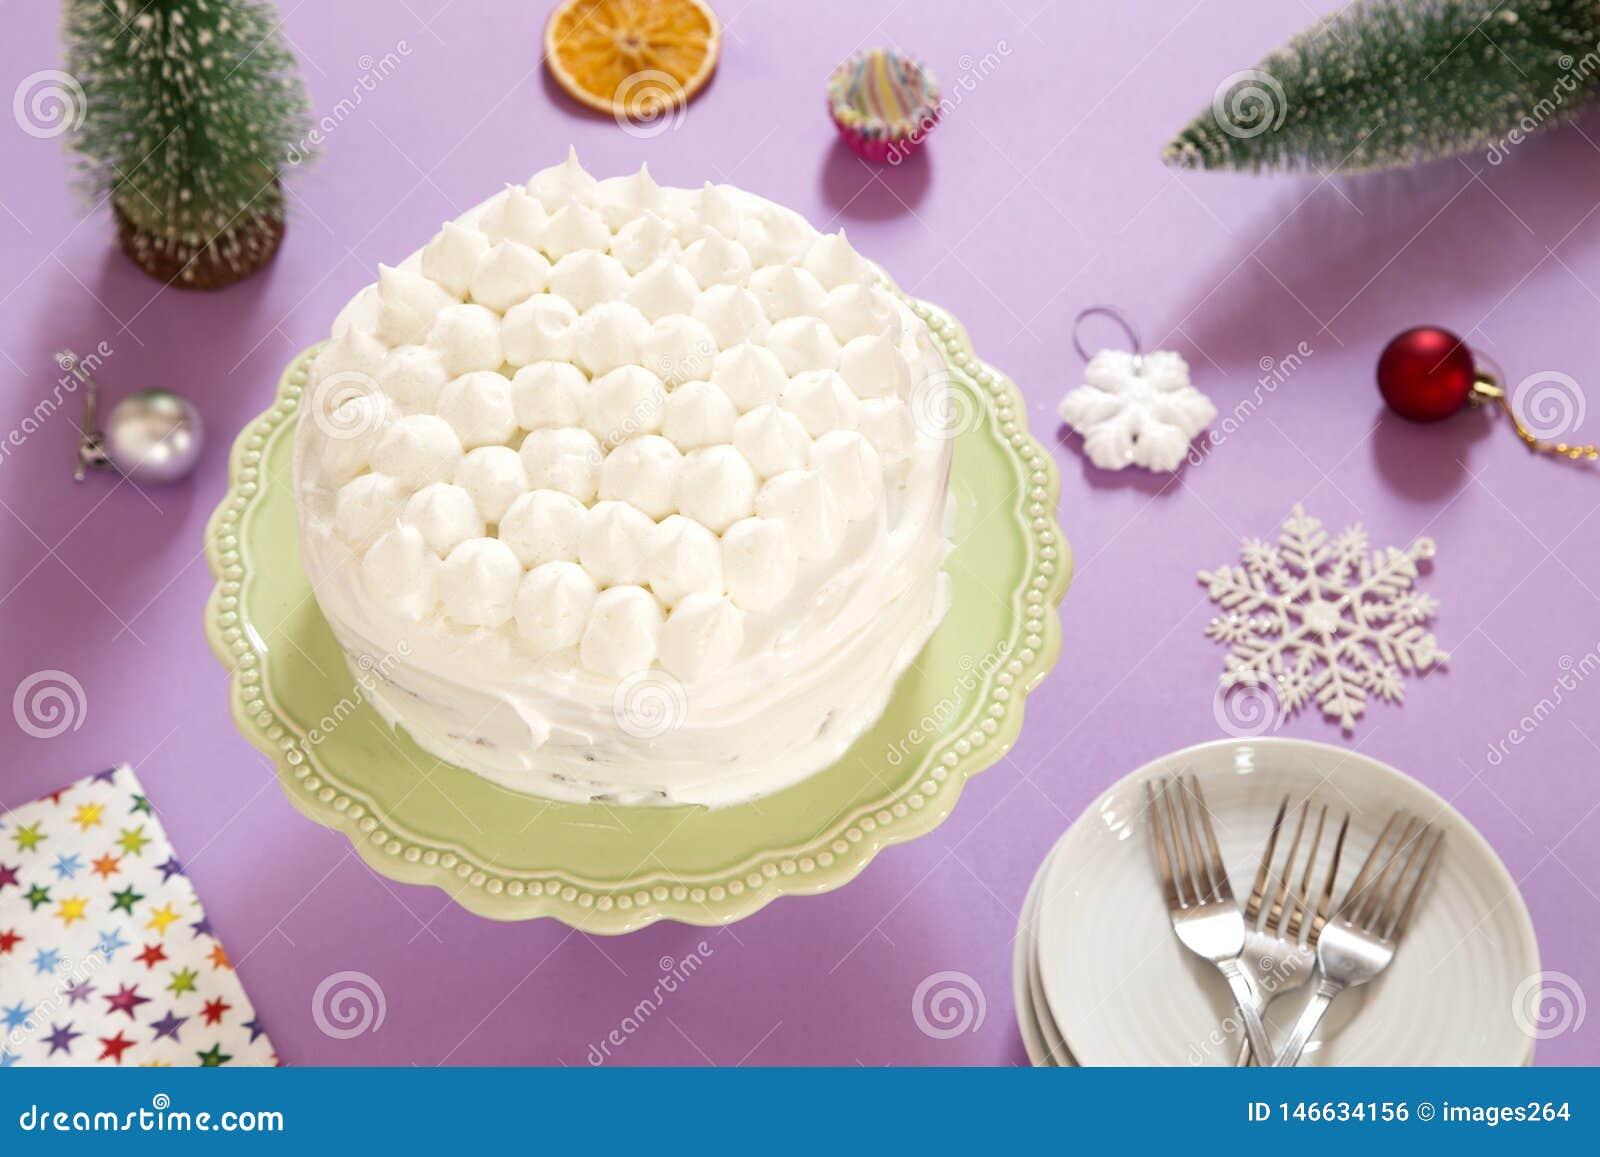 Torte mit Sahne